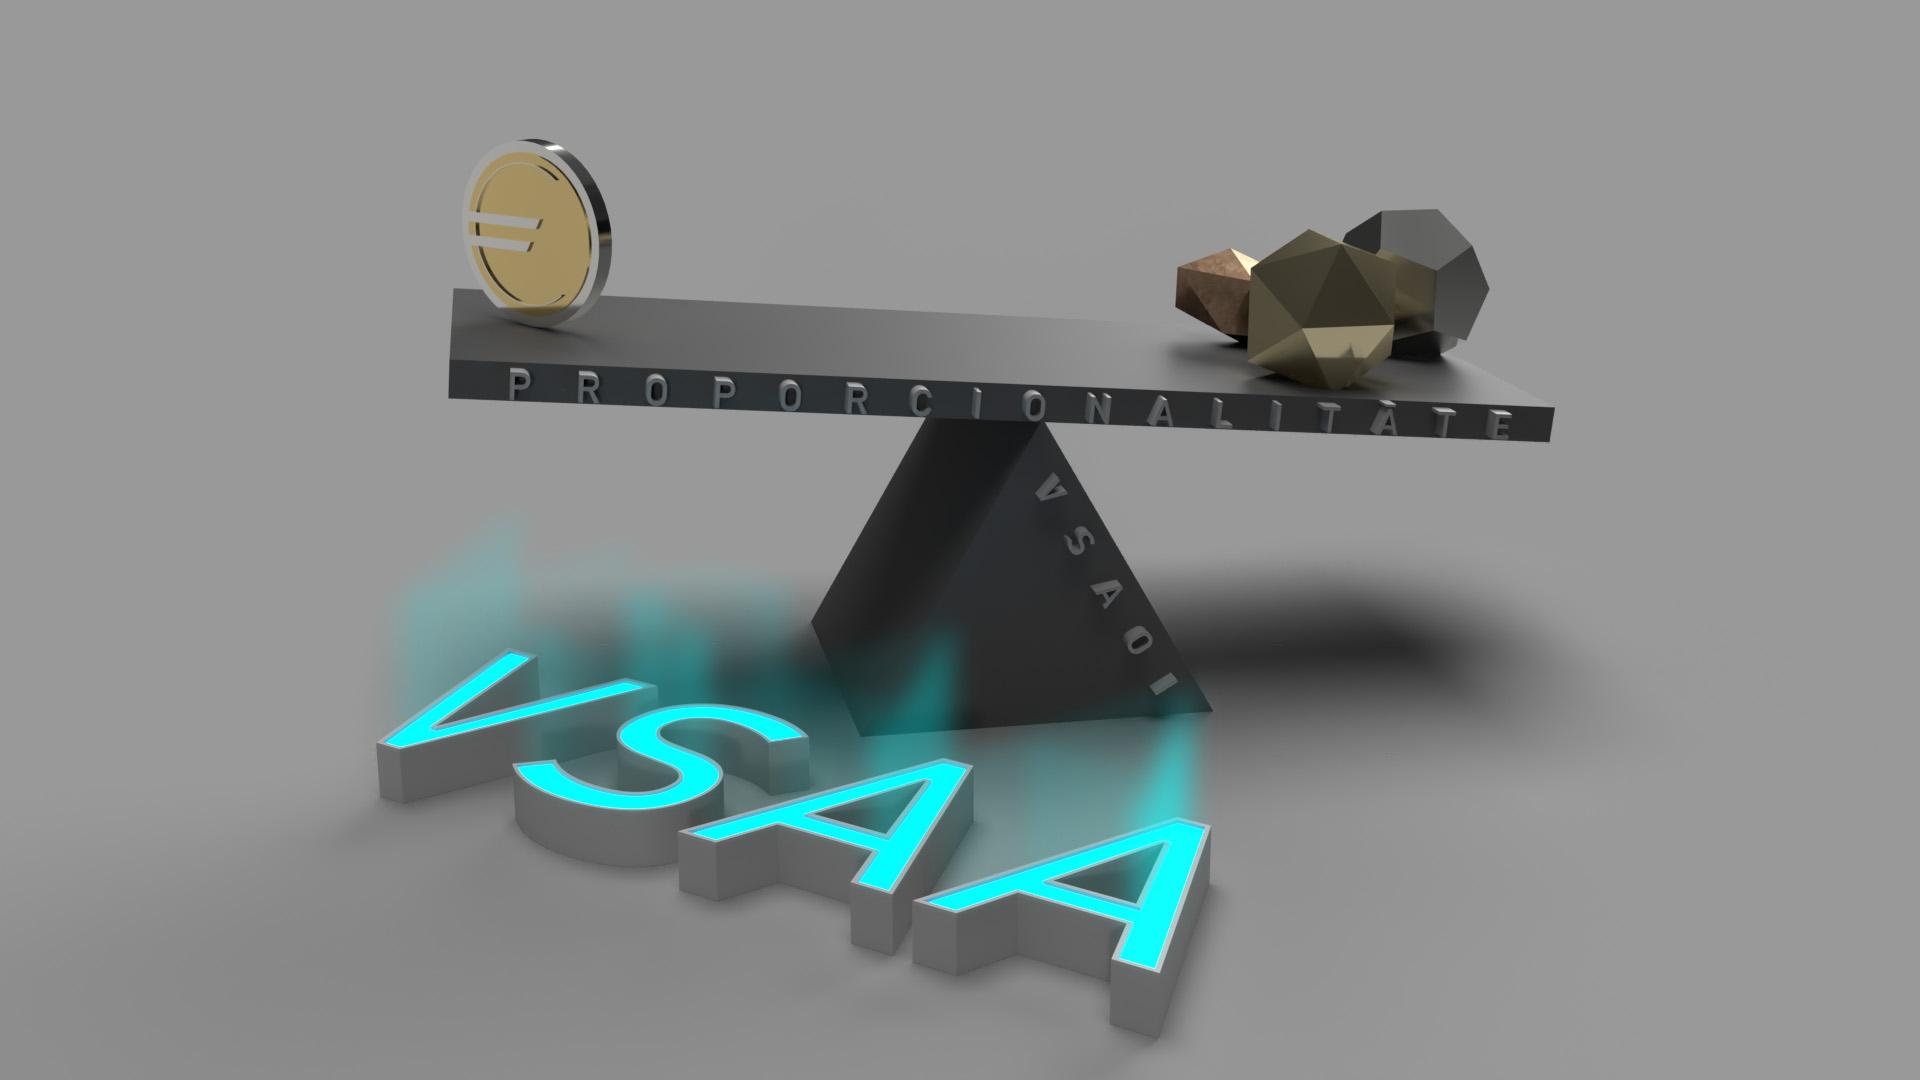 Par proporcionalitāti VSAA aprēķinos